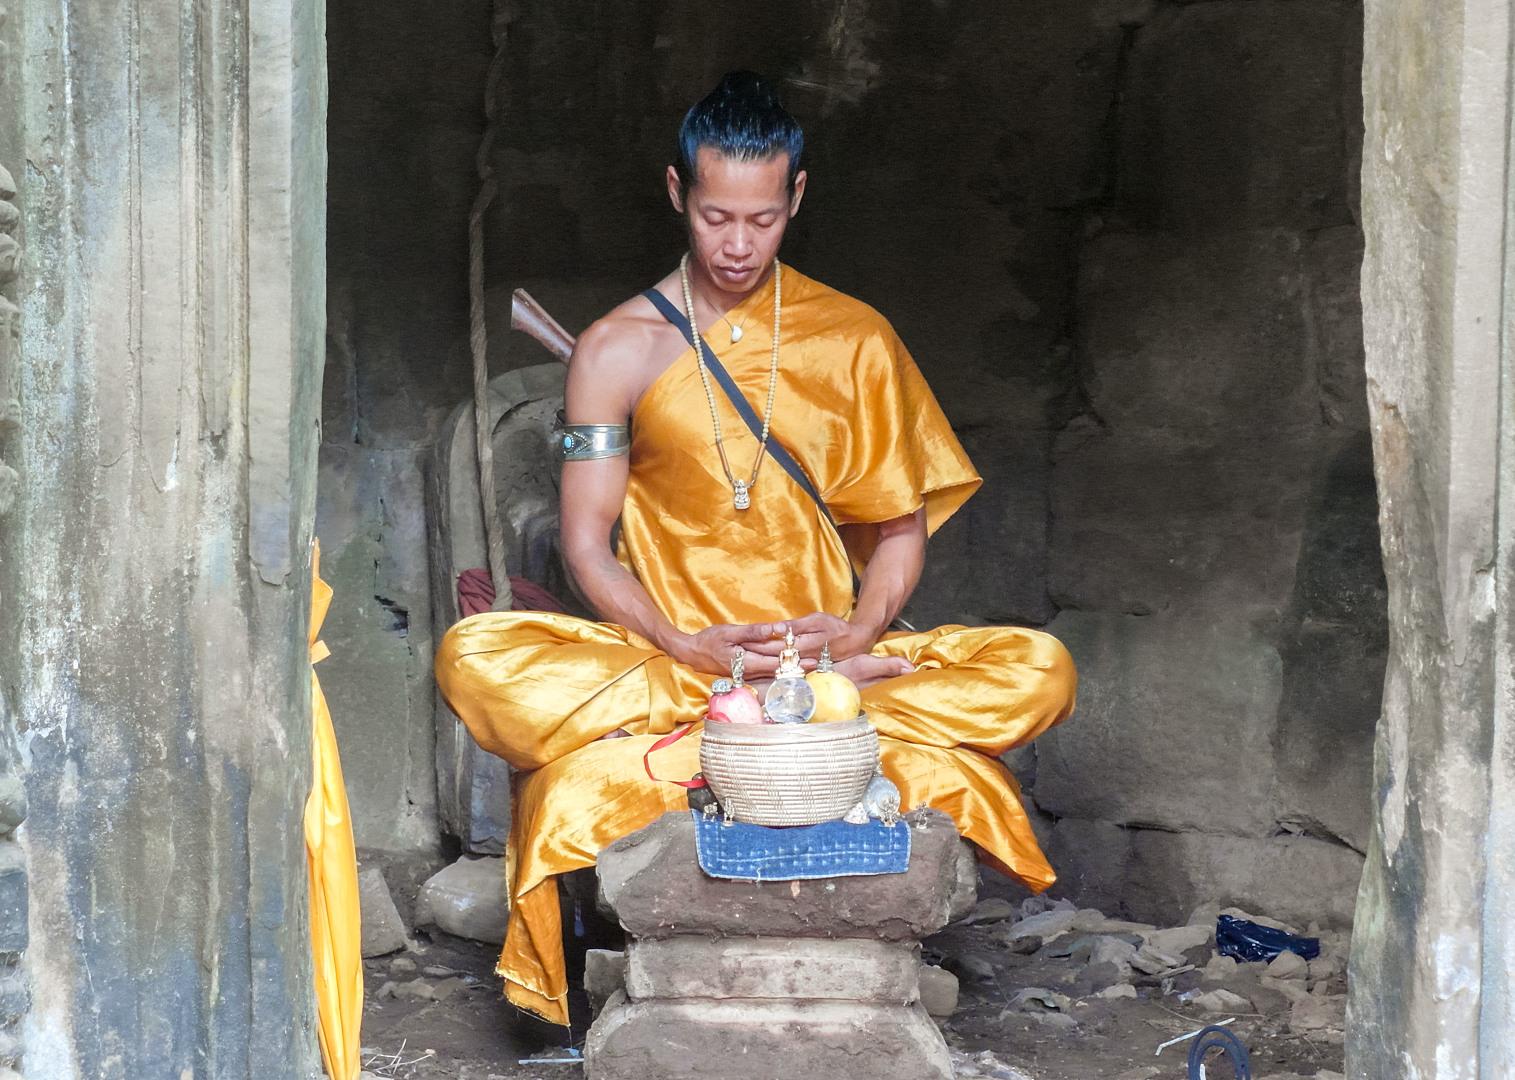 Монах в храме Байон (Bayon Temple), Ангкор